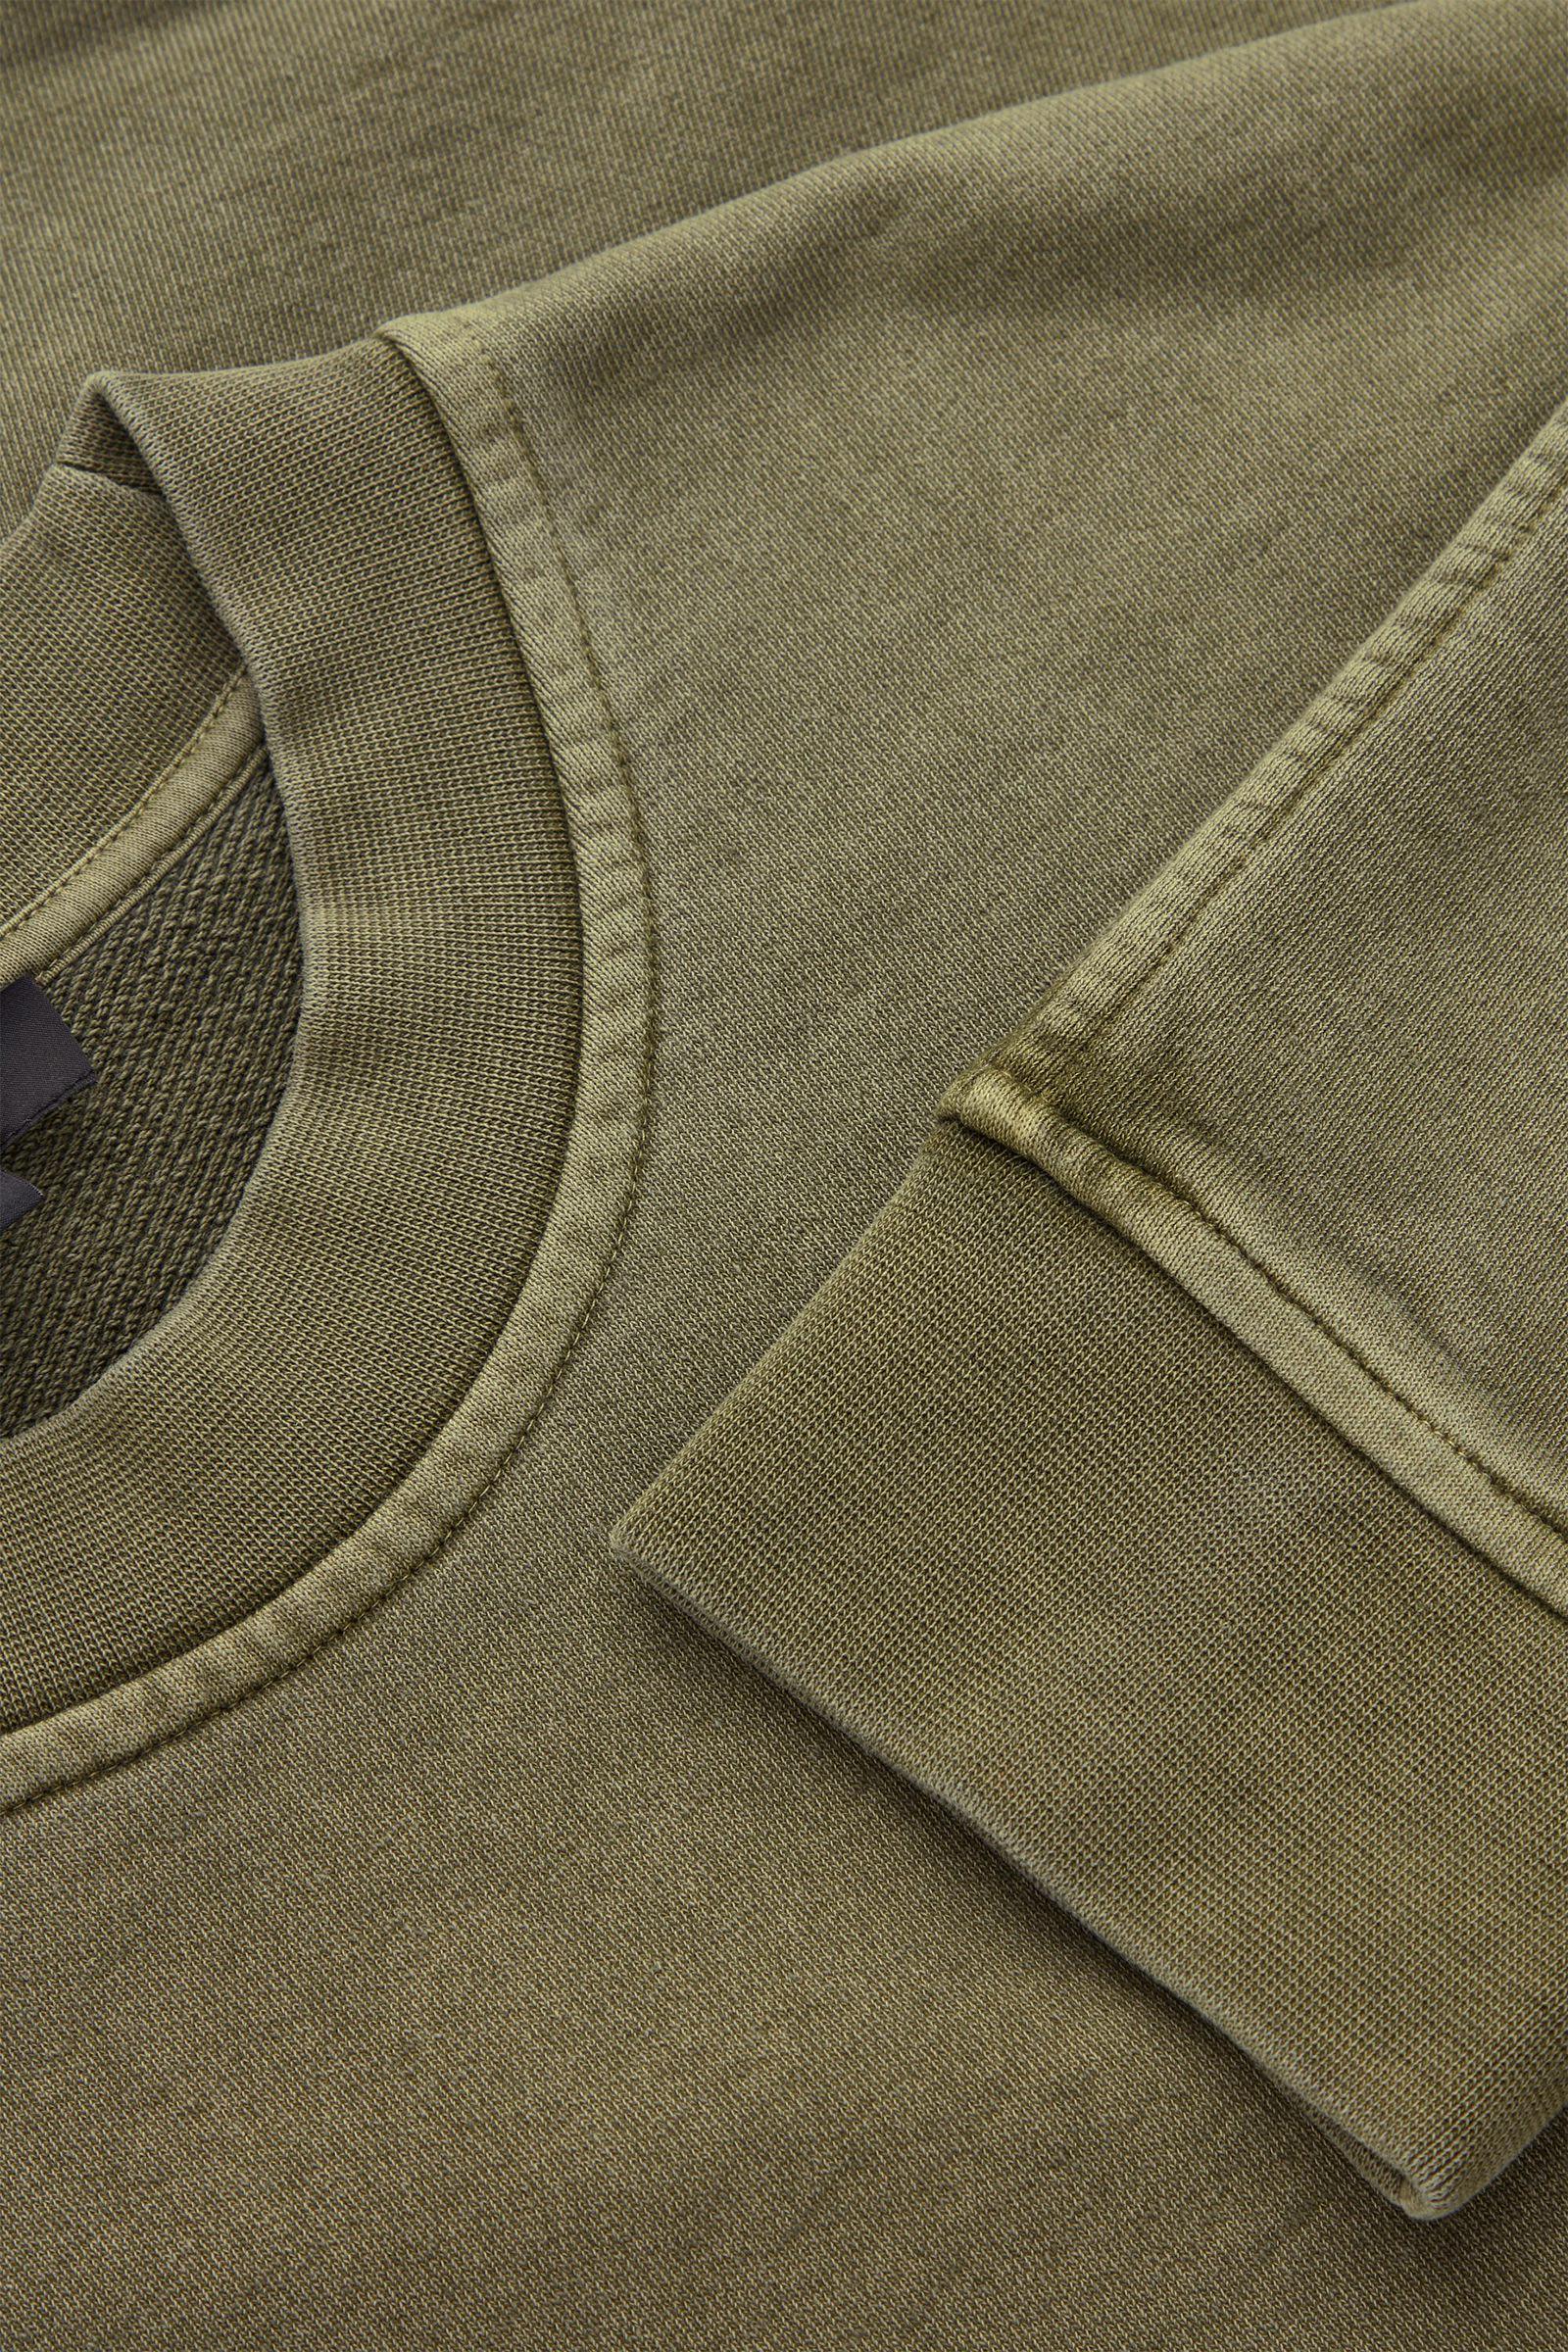 COS 코튼 리넨 스웻셔츠의 그린컬러 Detail입니다.